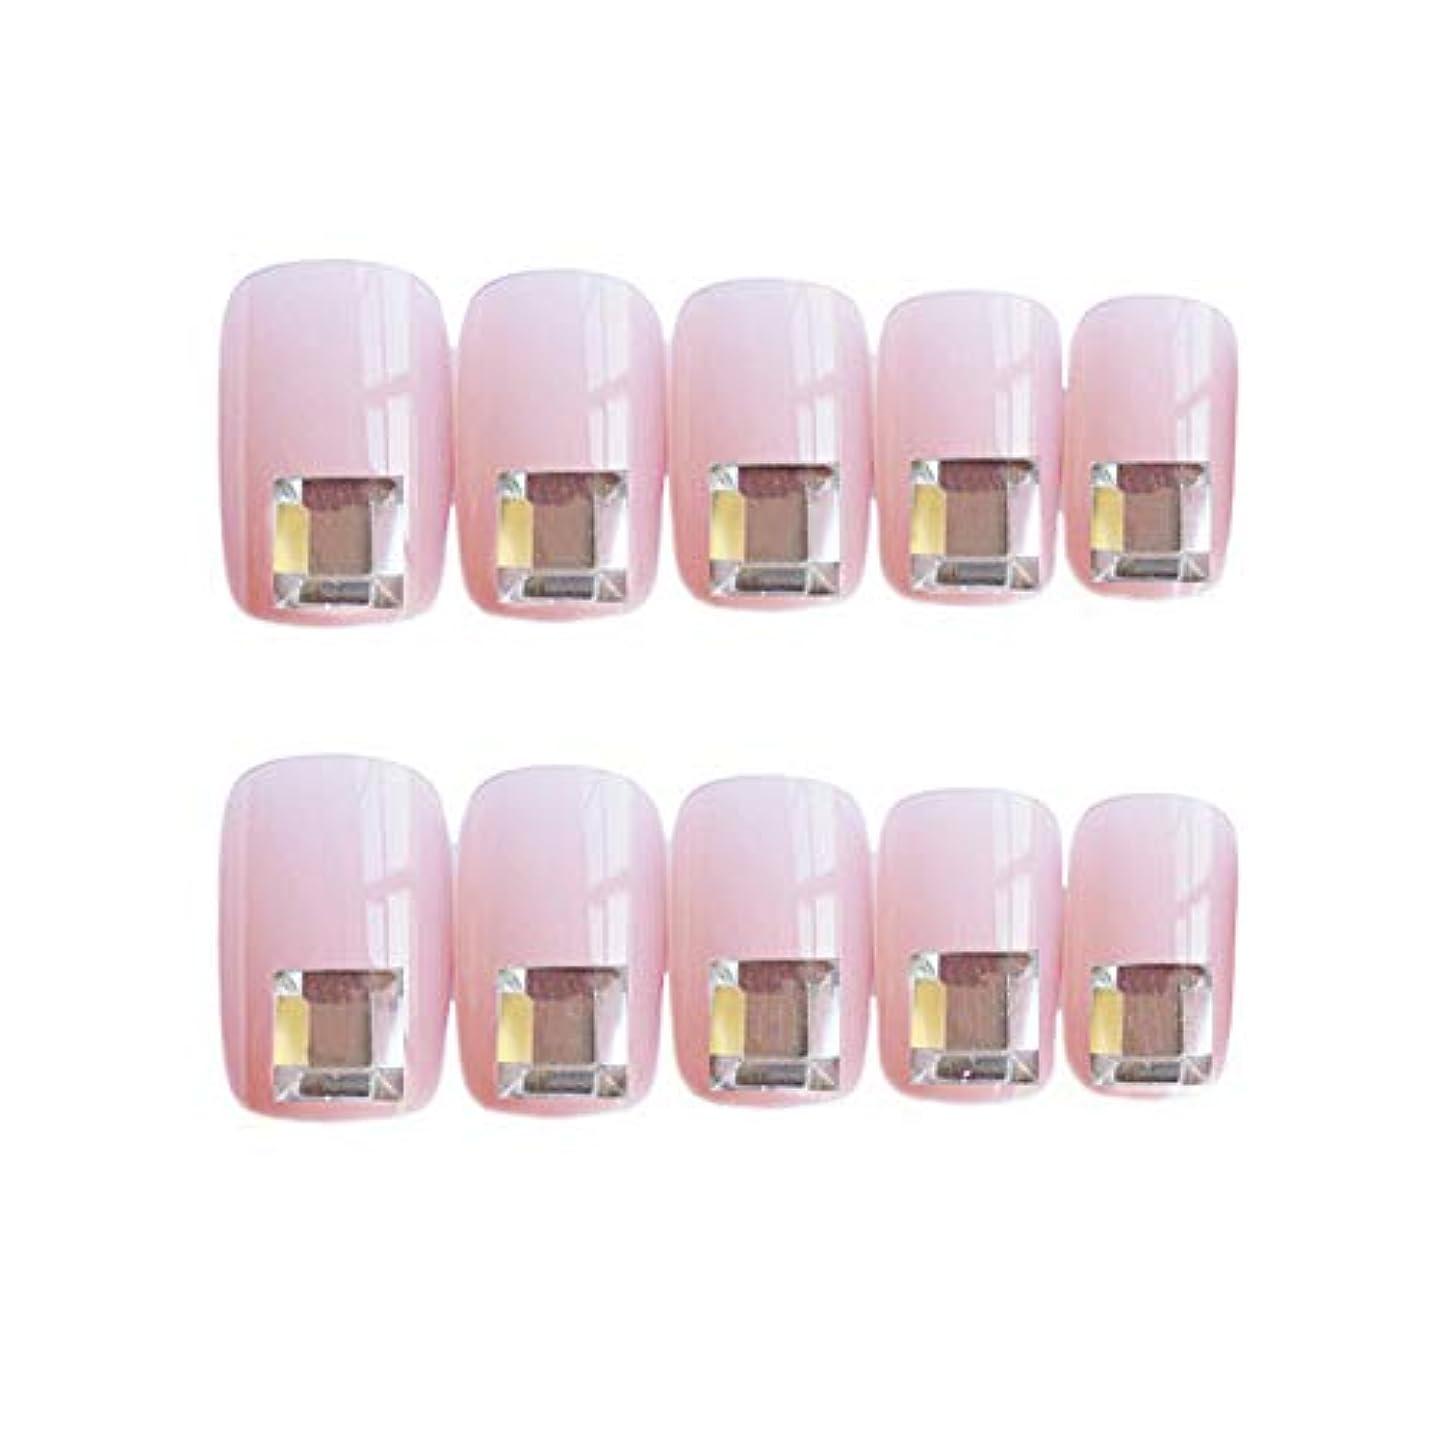 流行のスタイル 広場 きらめくダイヤモンド 桜の色 手作りネイルチップ 3Dネイルチップ 24枚入